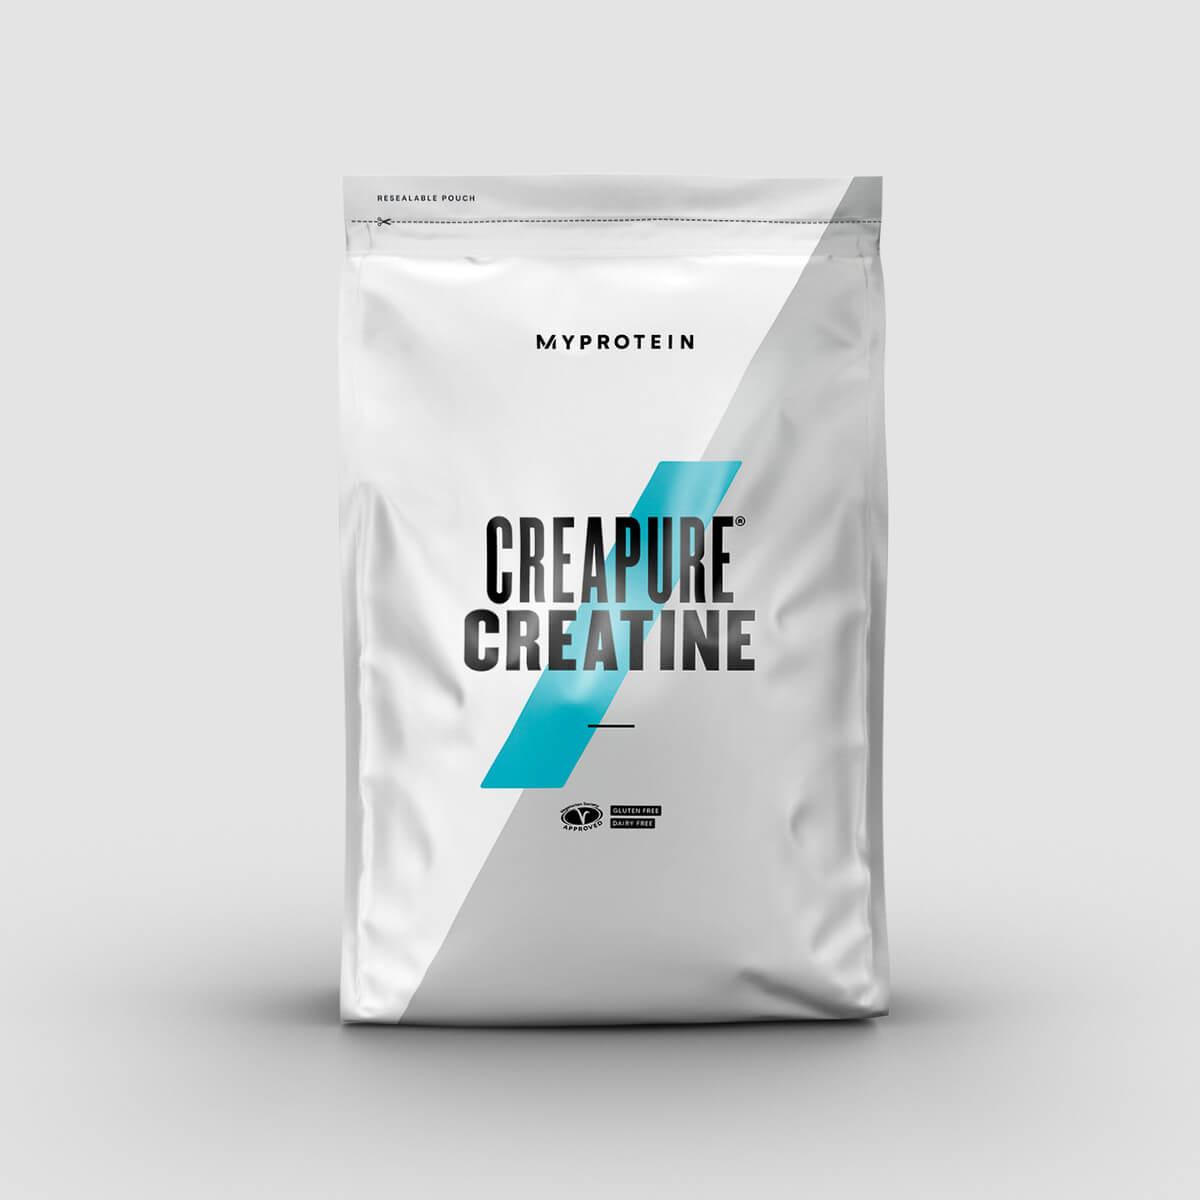 Myprotein Creapure® Creatine Powder - 1kg - Tropical